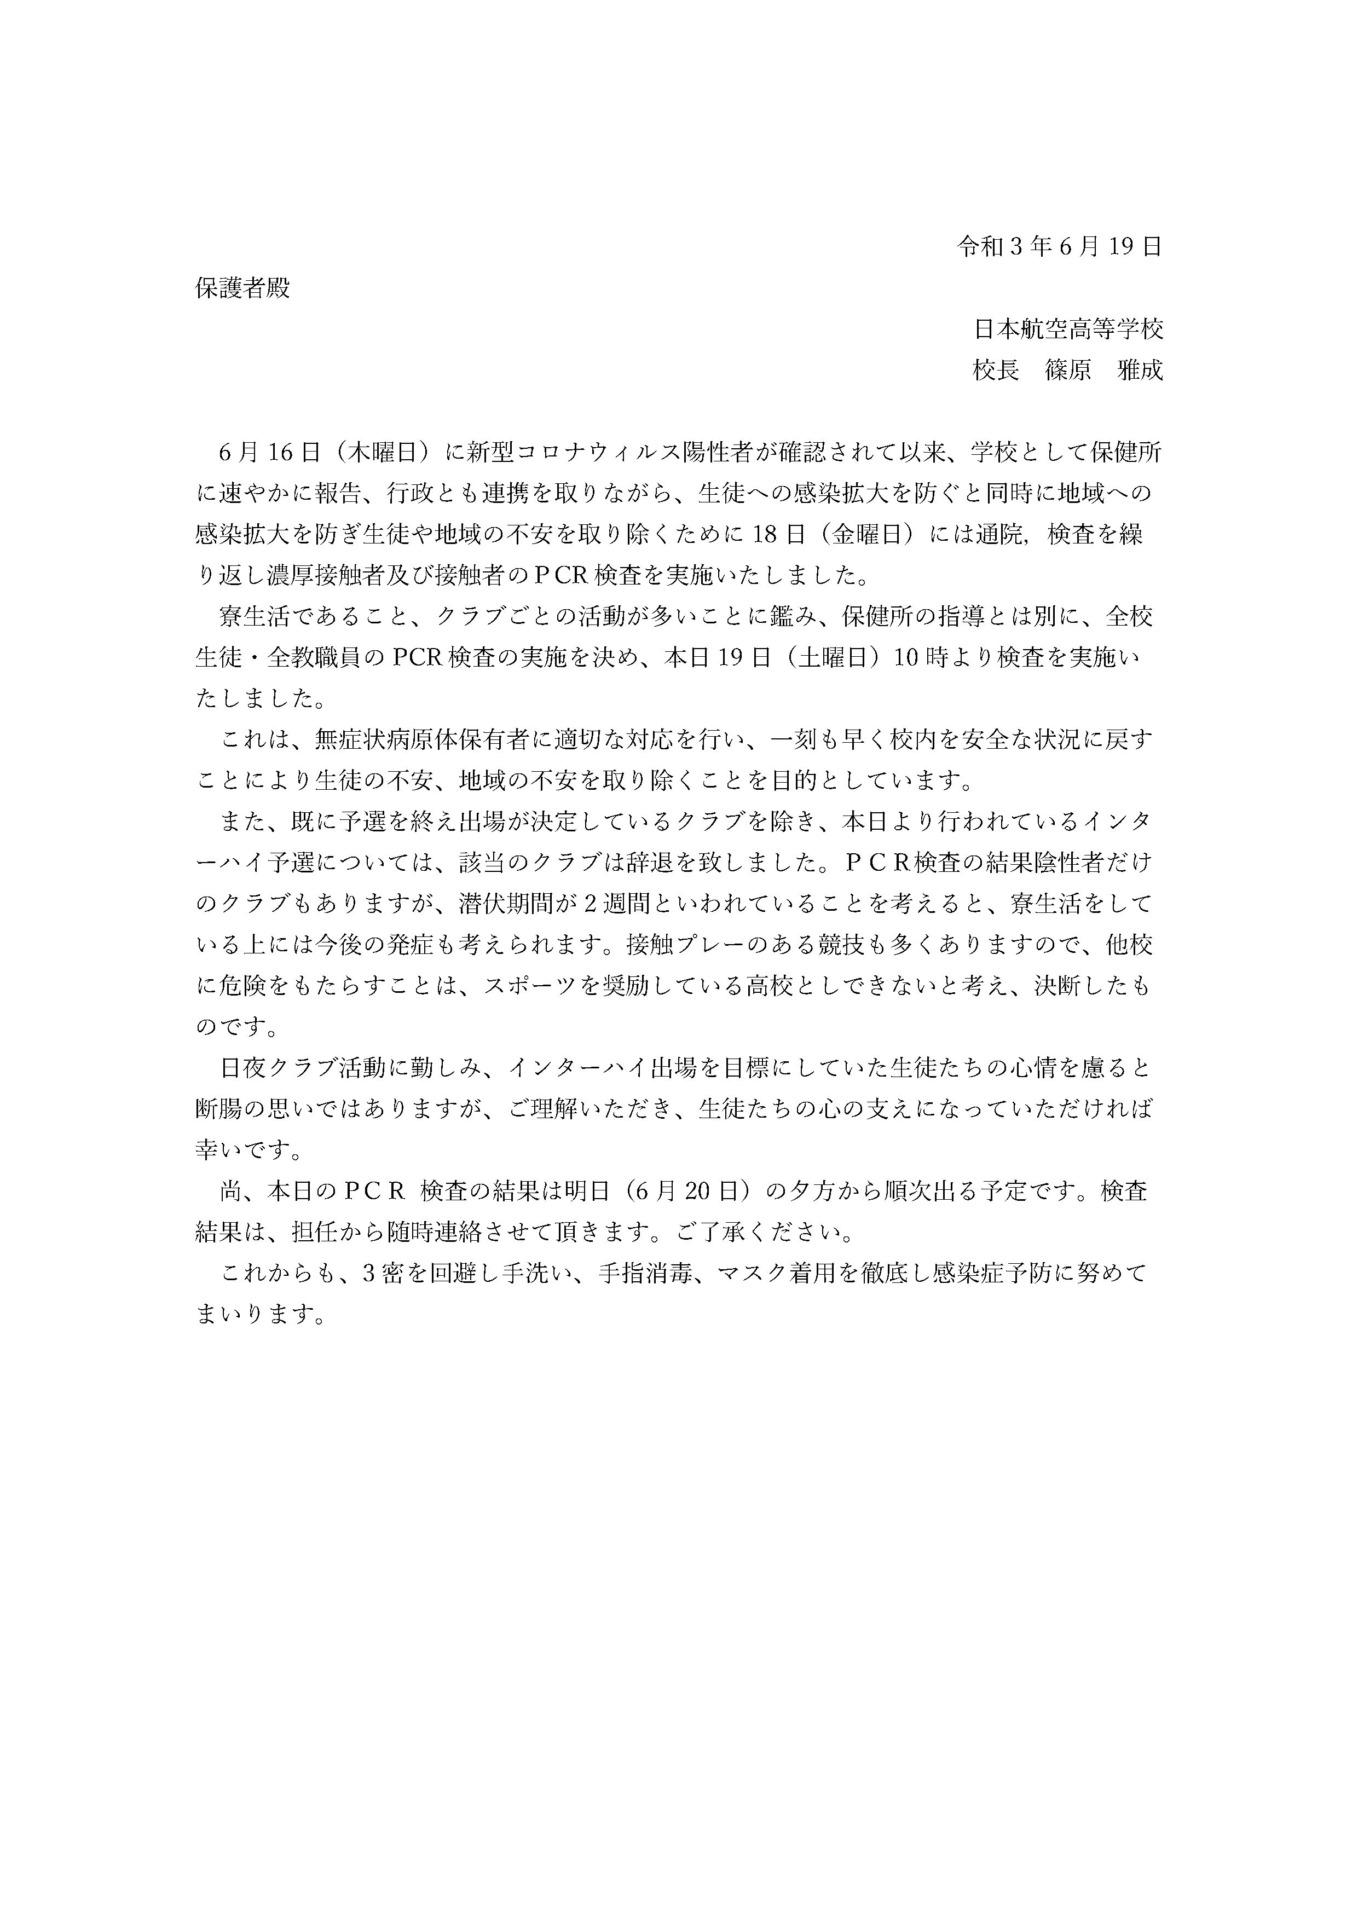 """<span class=""""title"""">【重要なお知らせ】新型コロナウイルス感染症について② 山梨キャンパス</span>"""